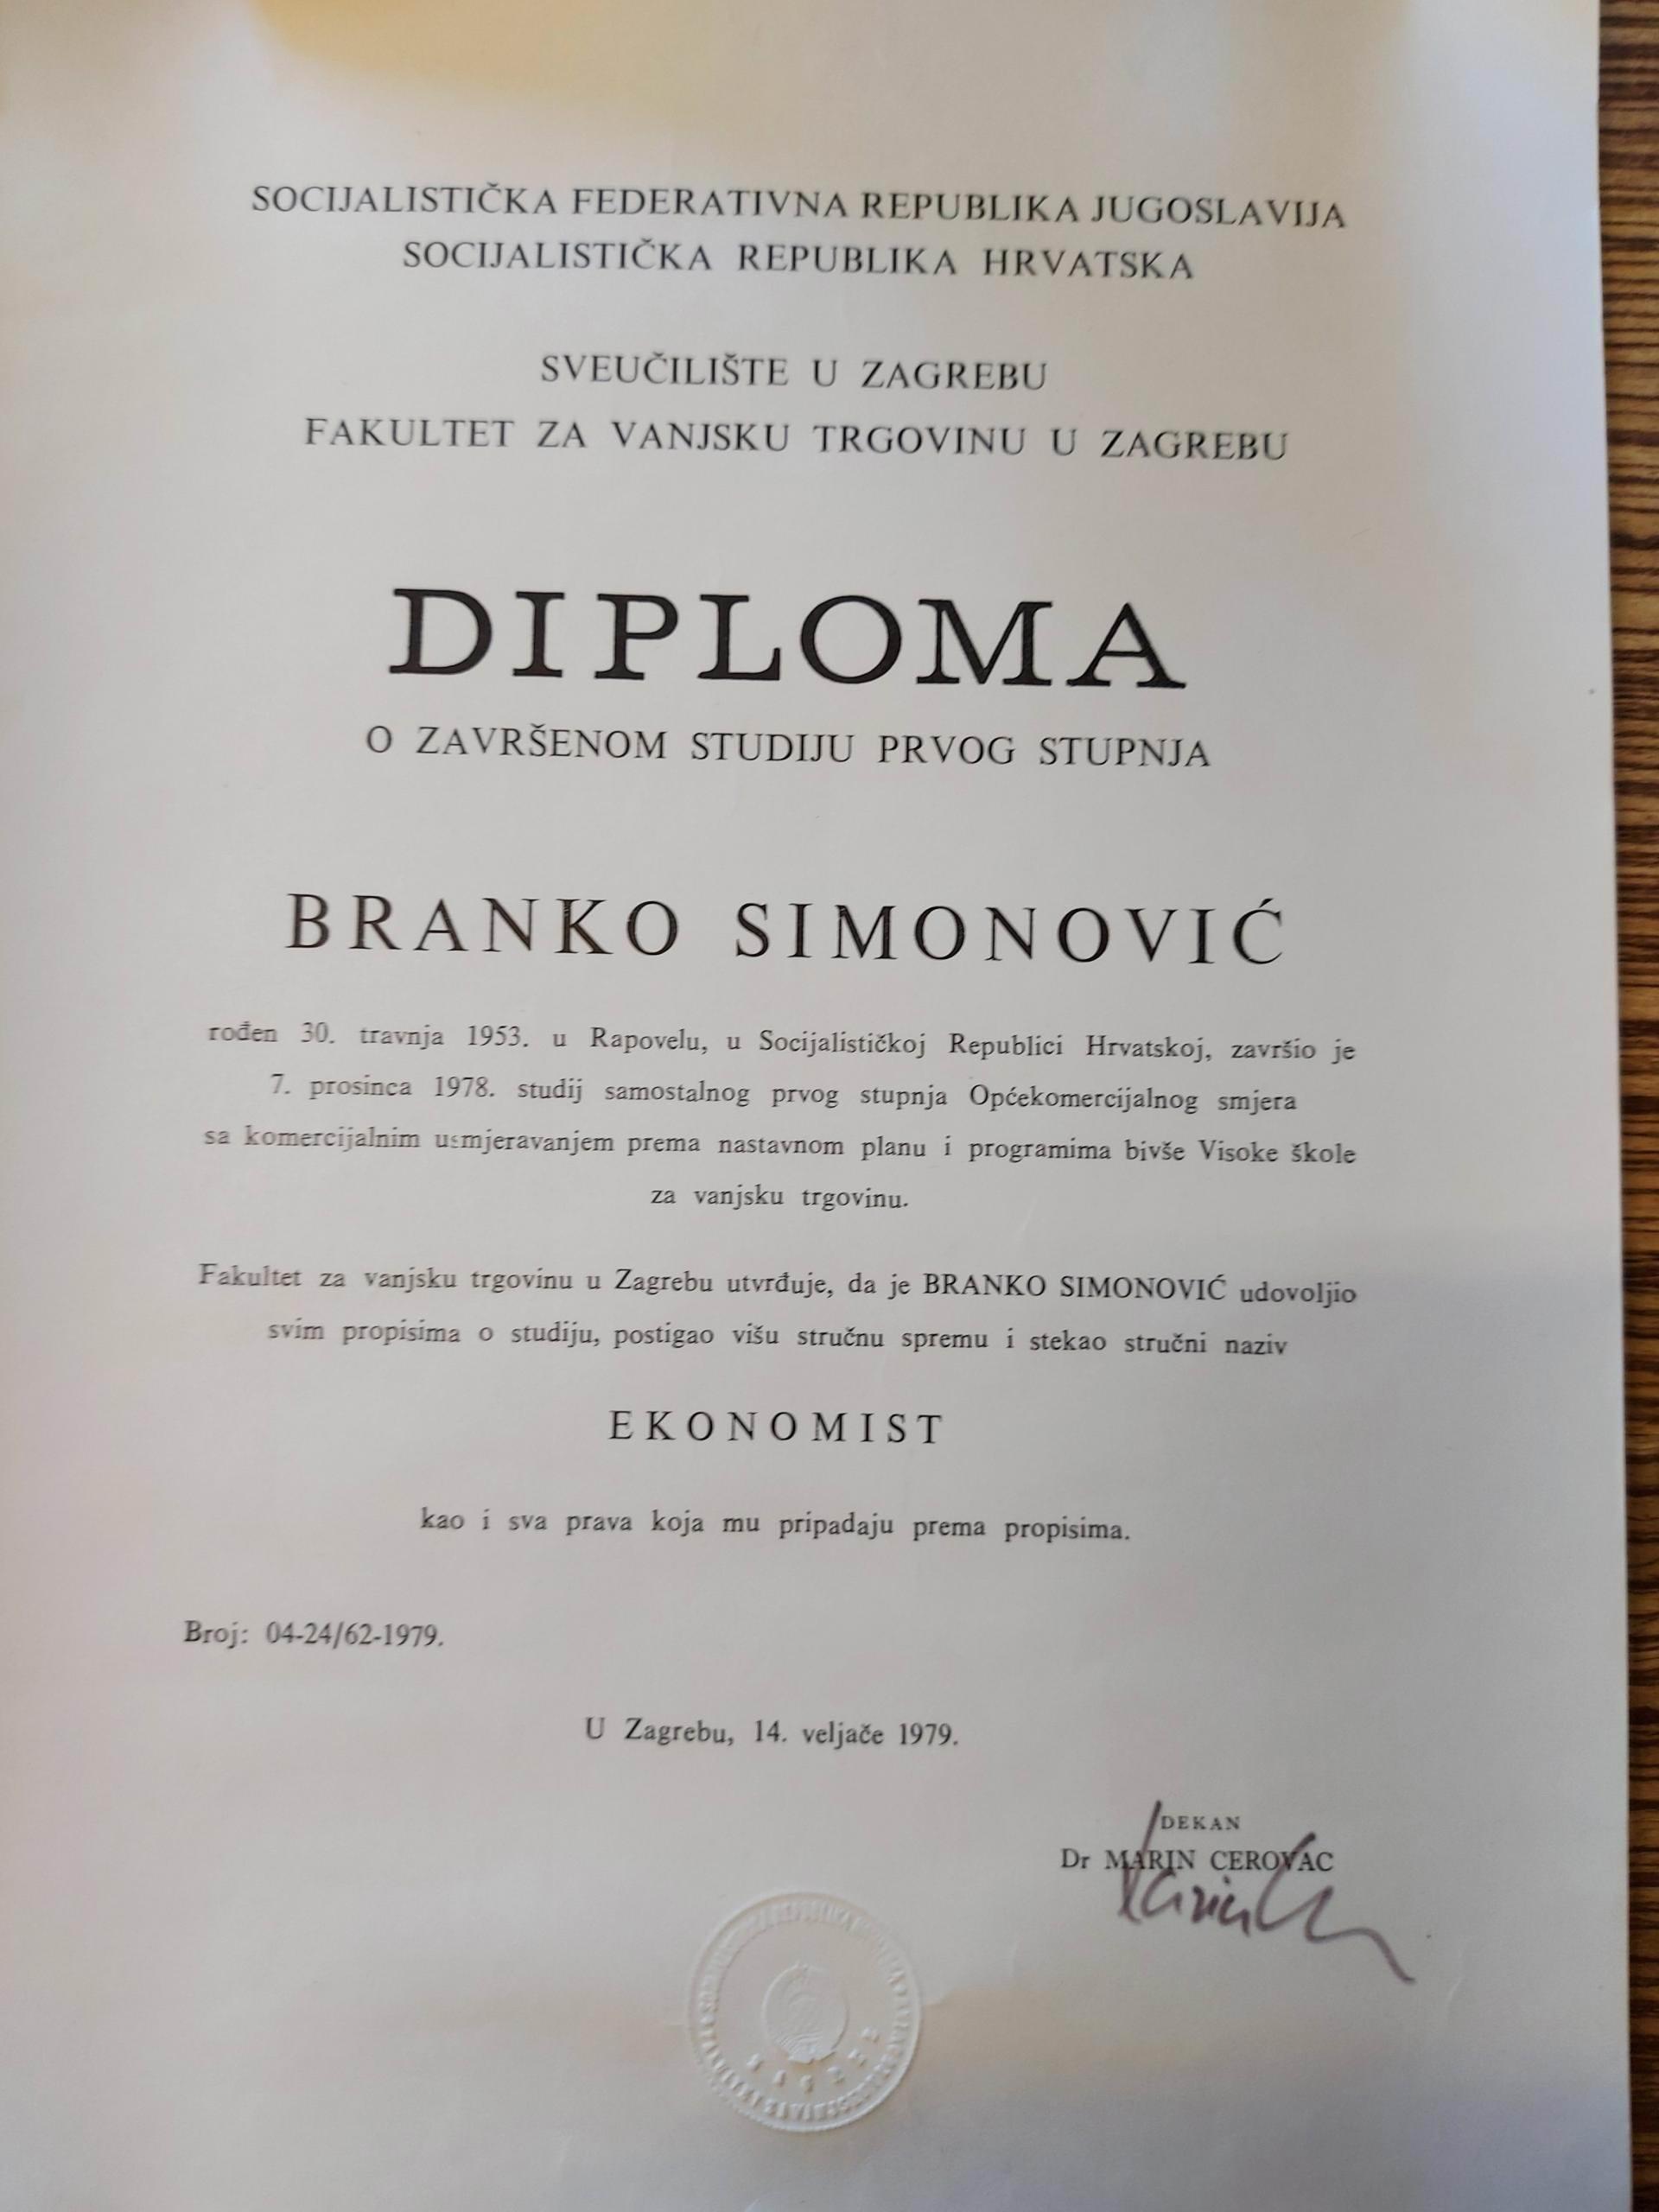 branko simonovic diploma